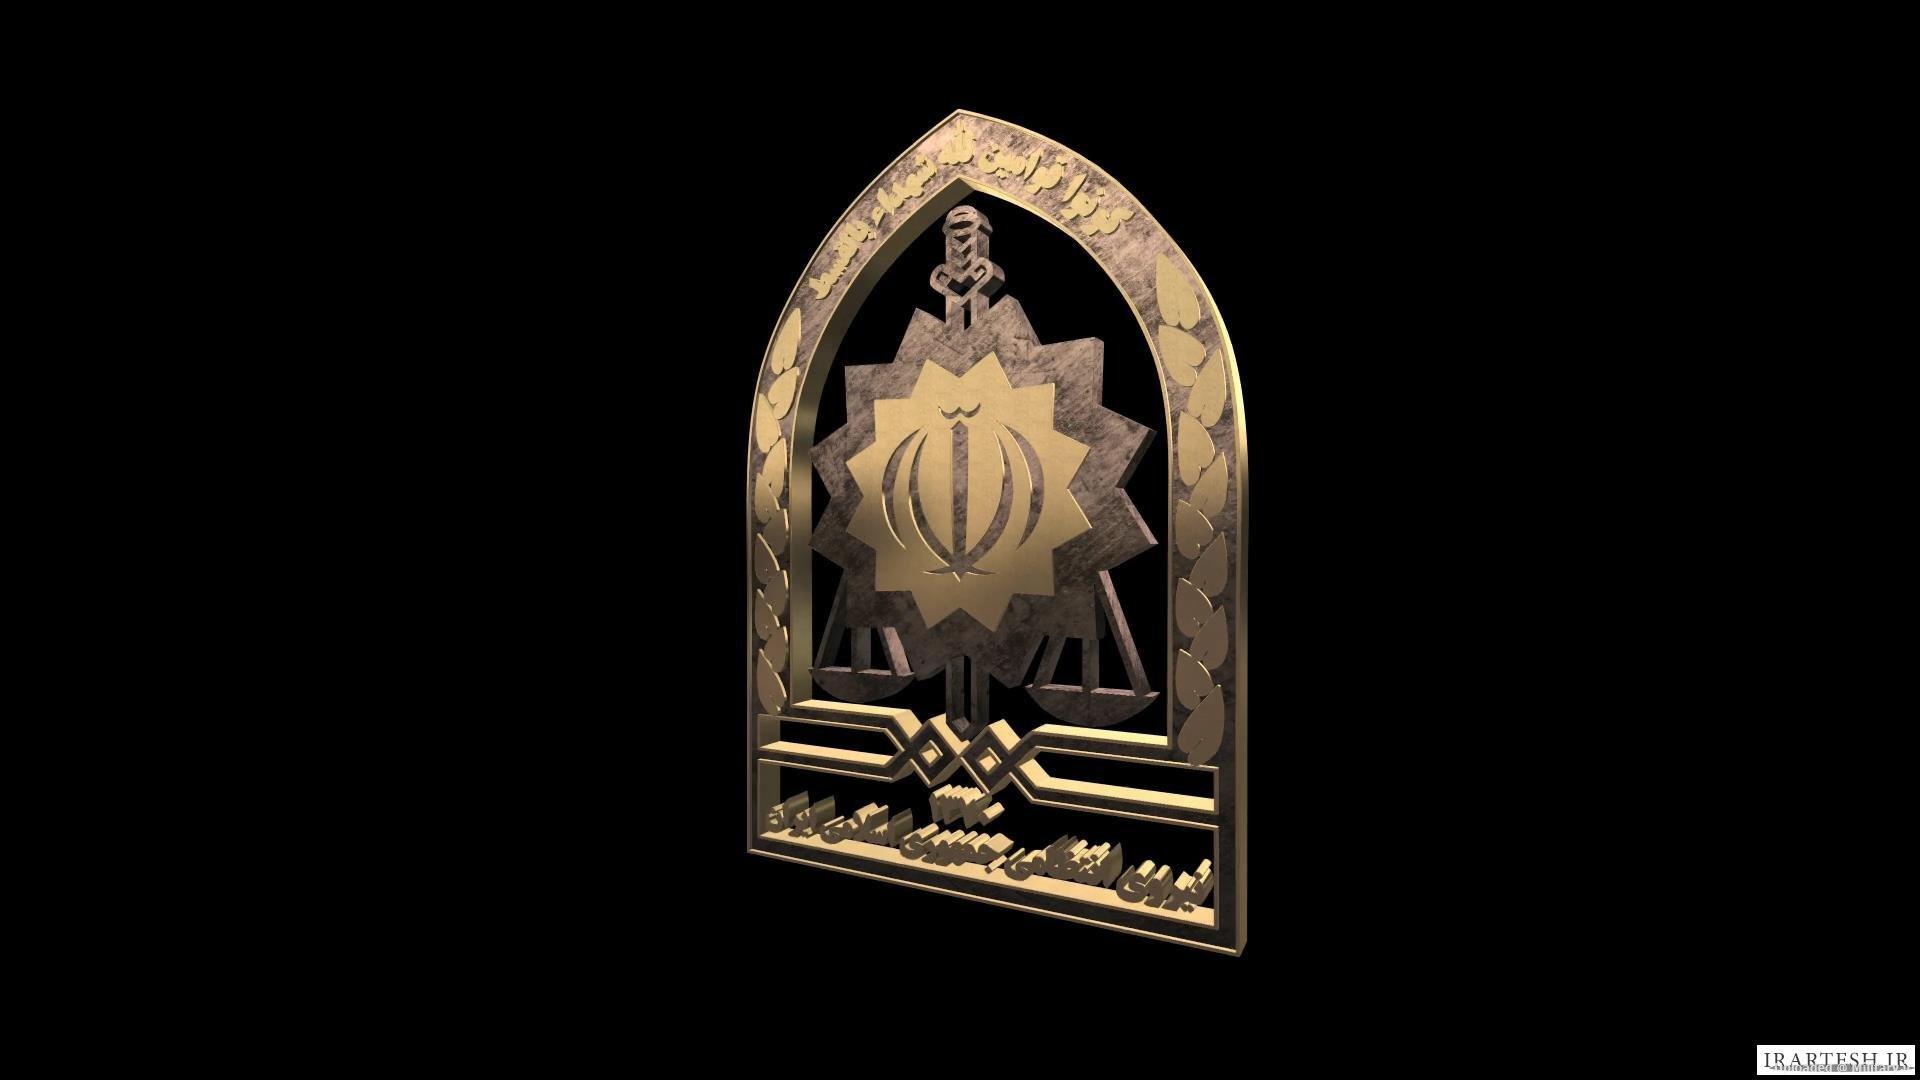 نیروی انتظامی ستادها و مراکز انتخاباتی غیرمجاز را پلمپ می کند